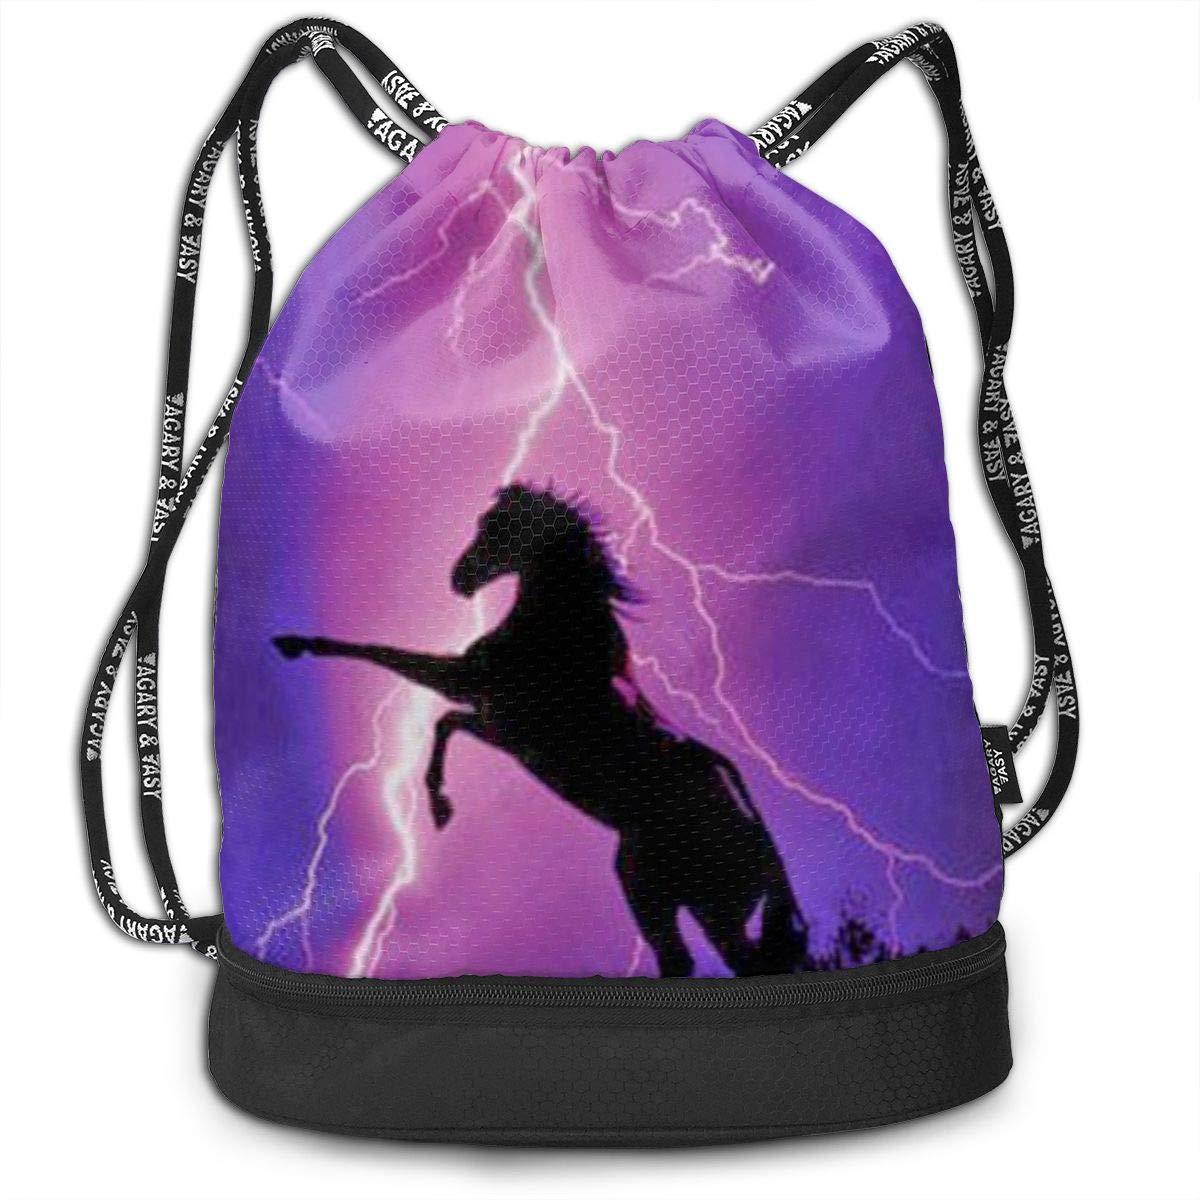 Horse 3D Drawstring Bag Sport Gym Travel Bundle Backpack Pack Beam Mouth Shoulder Bags